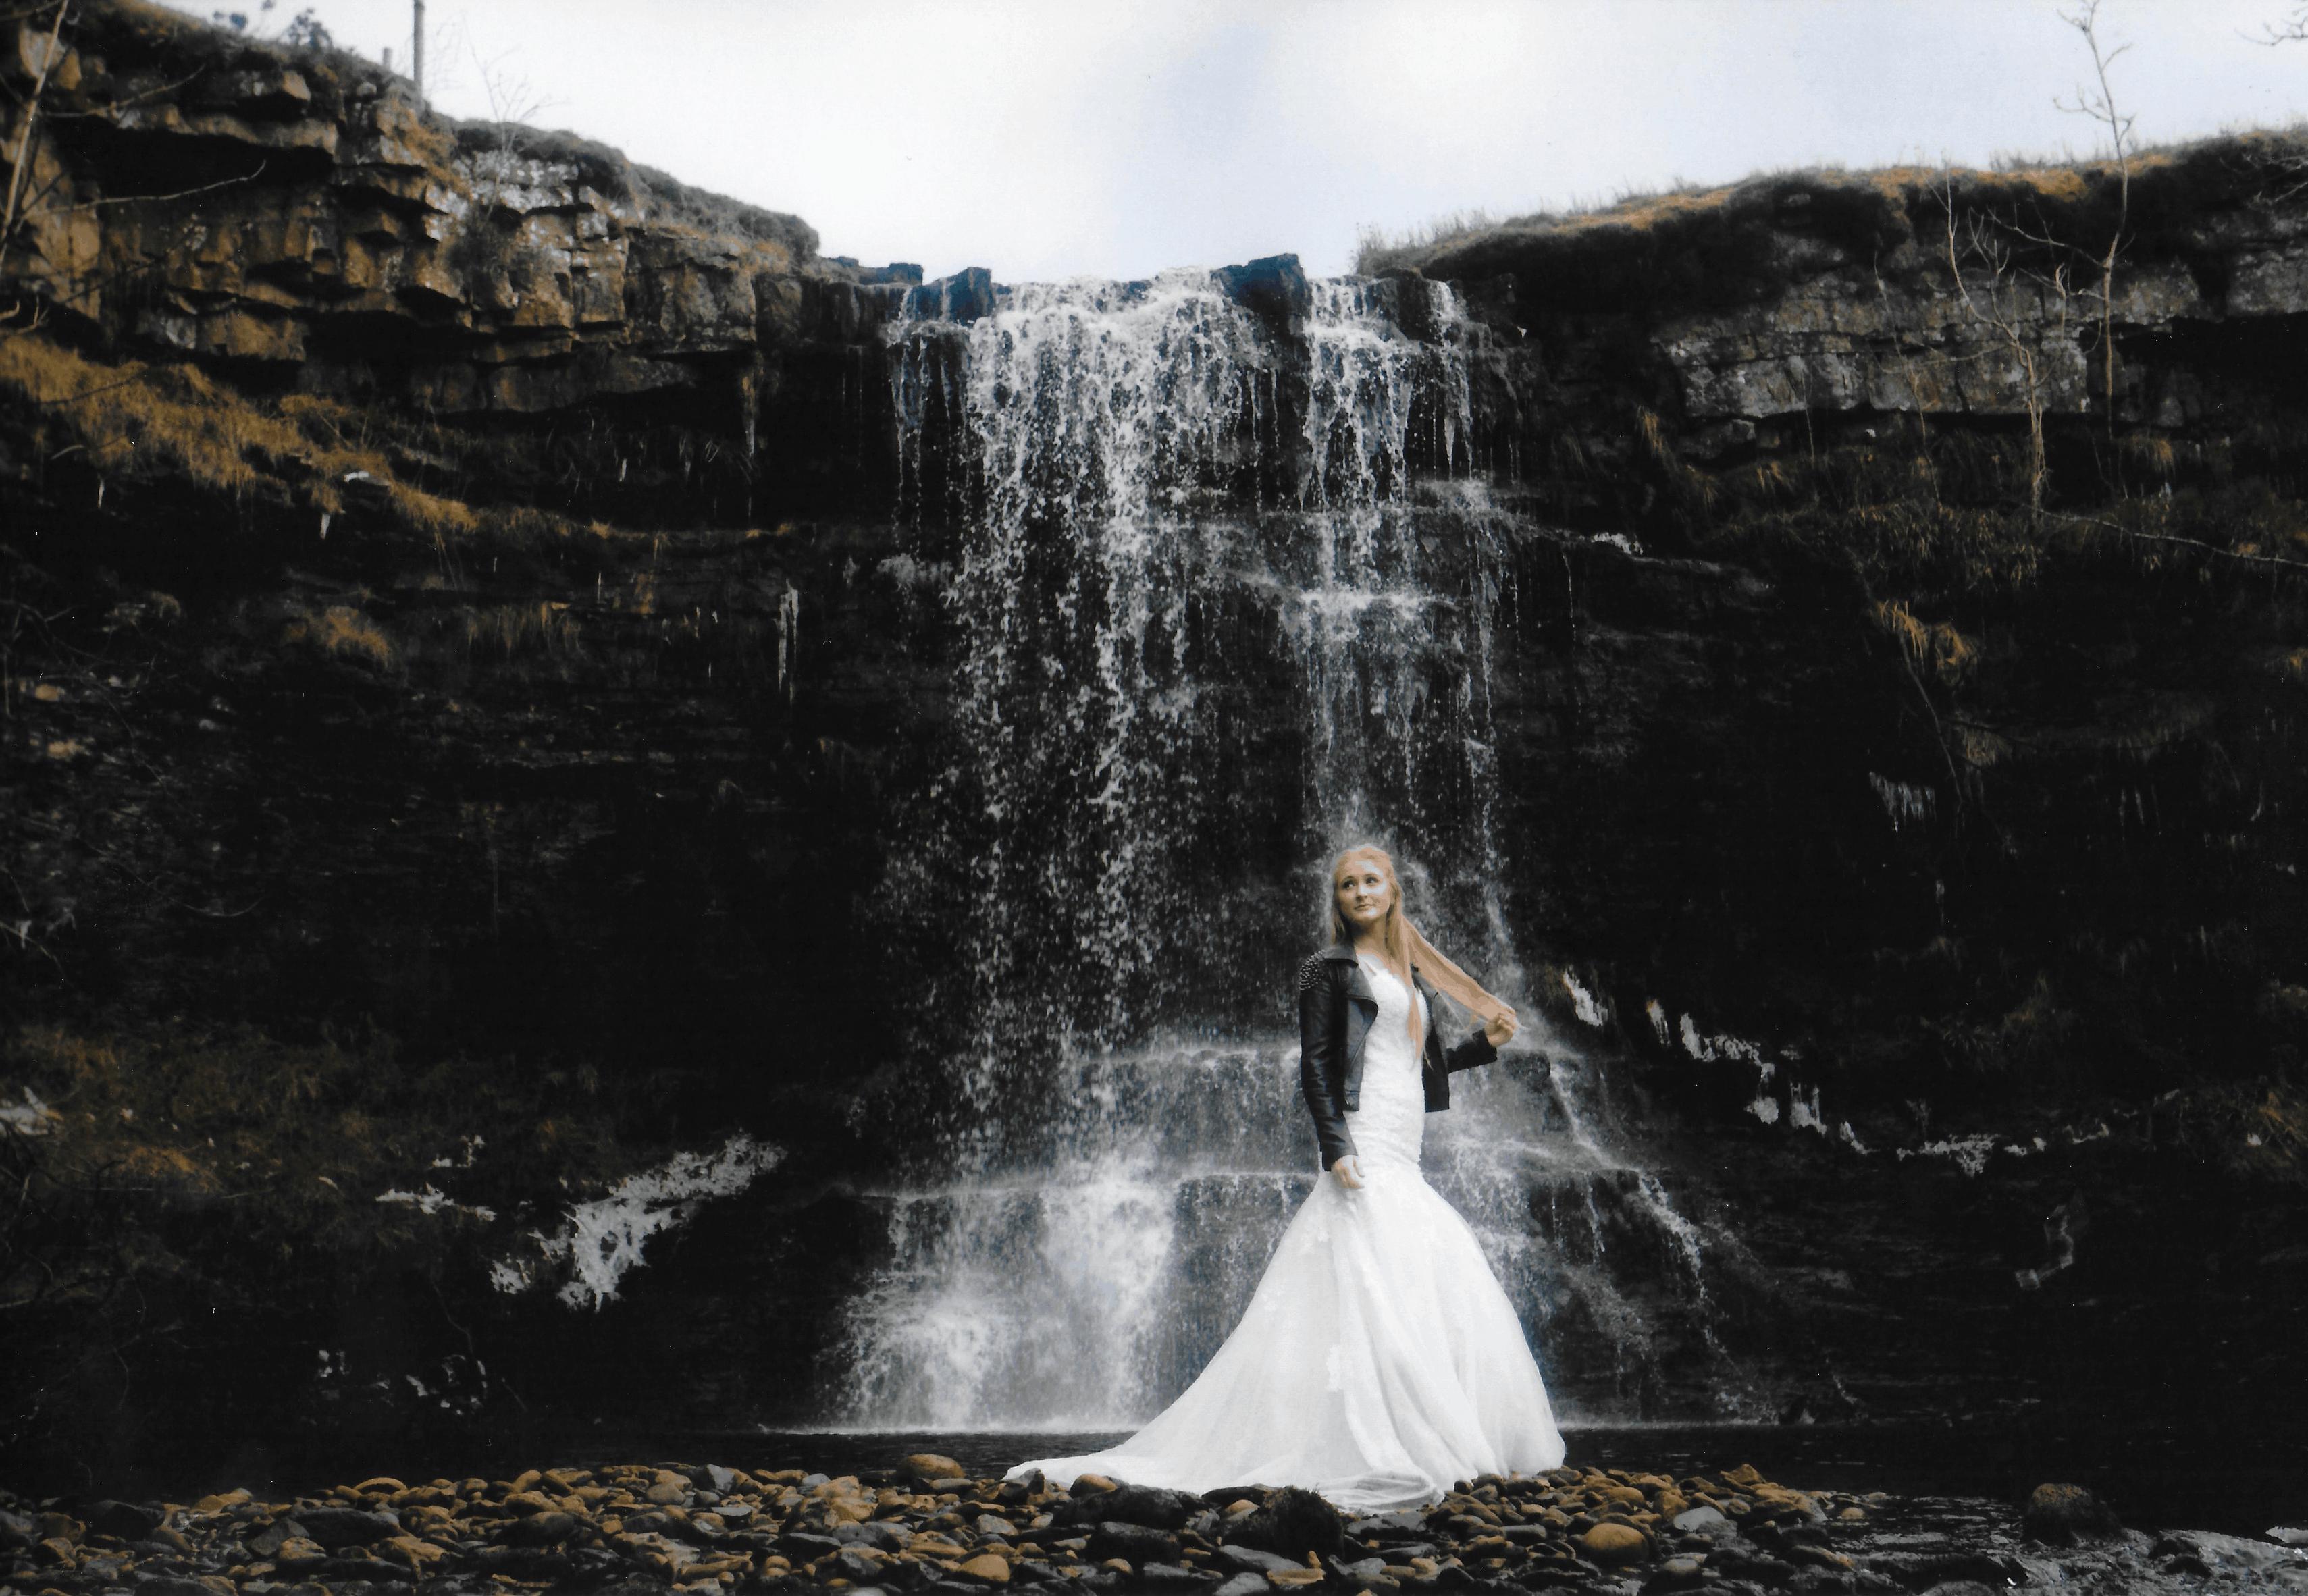 Where to print your wedding photos Photobox photo print